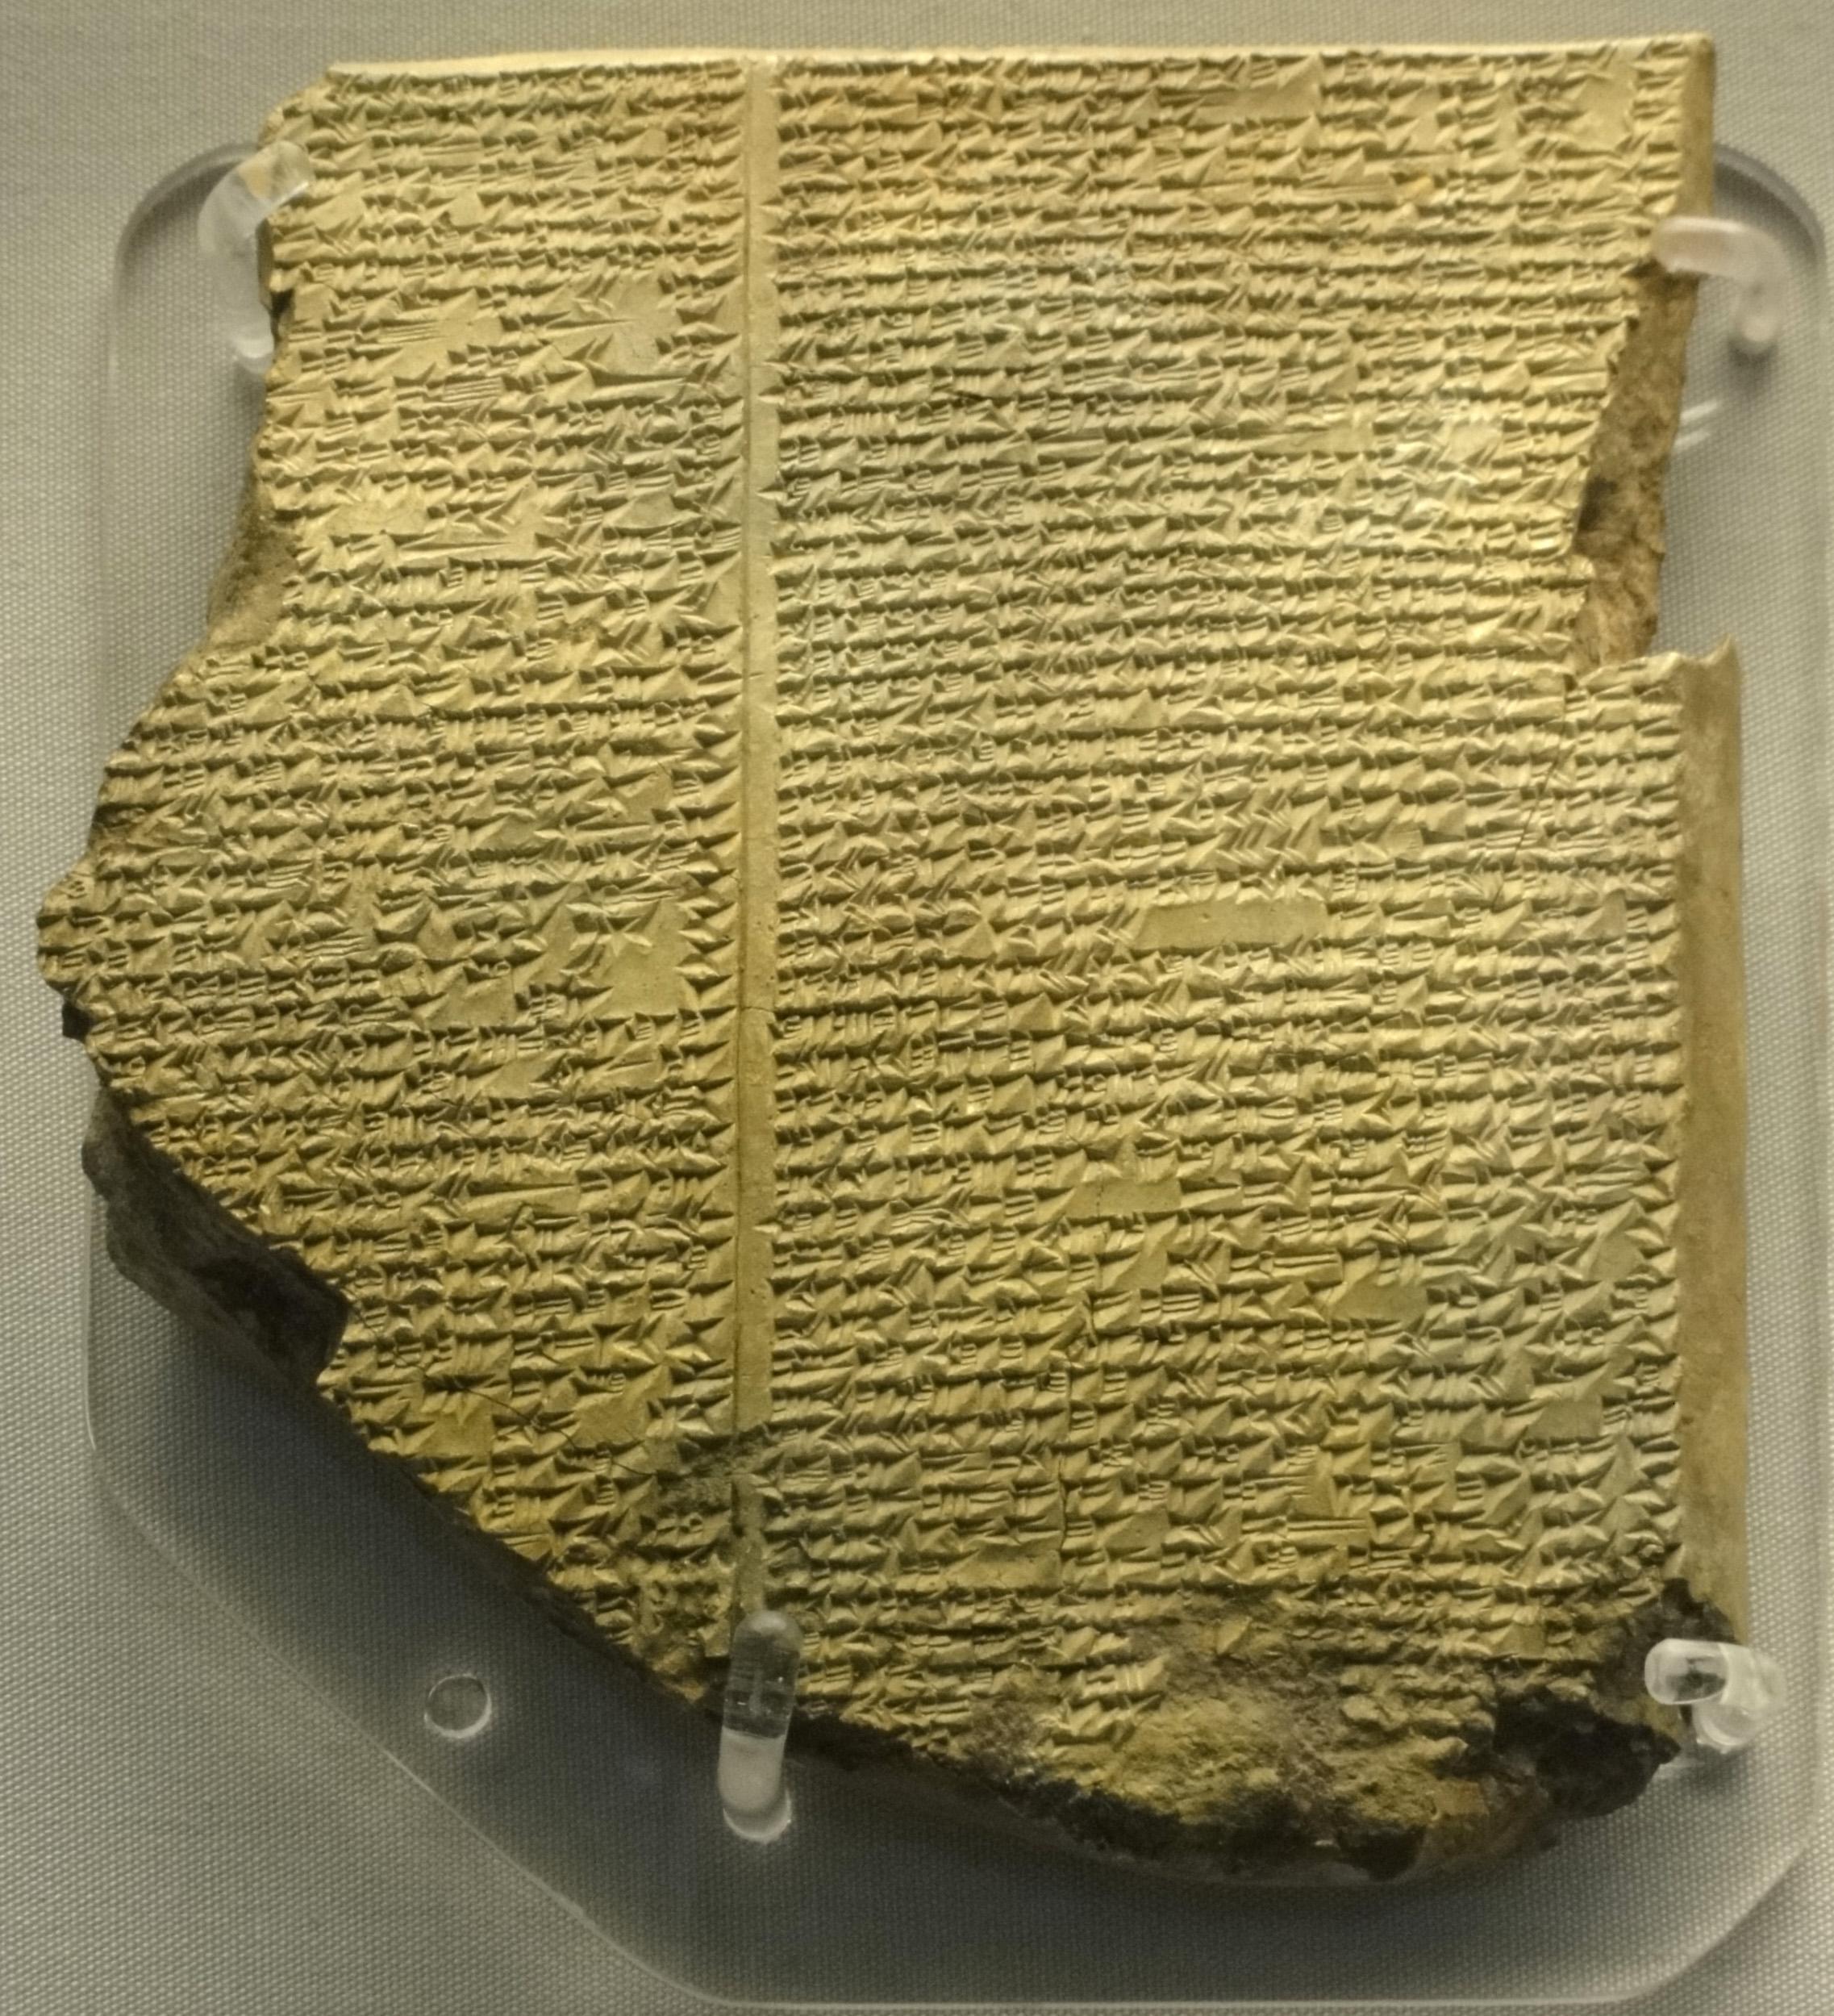 Cамые древние книги в истории